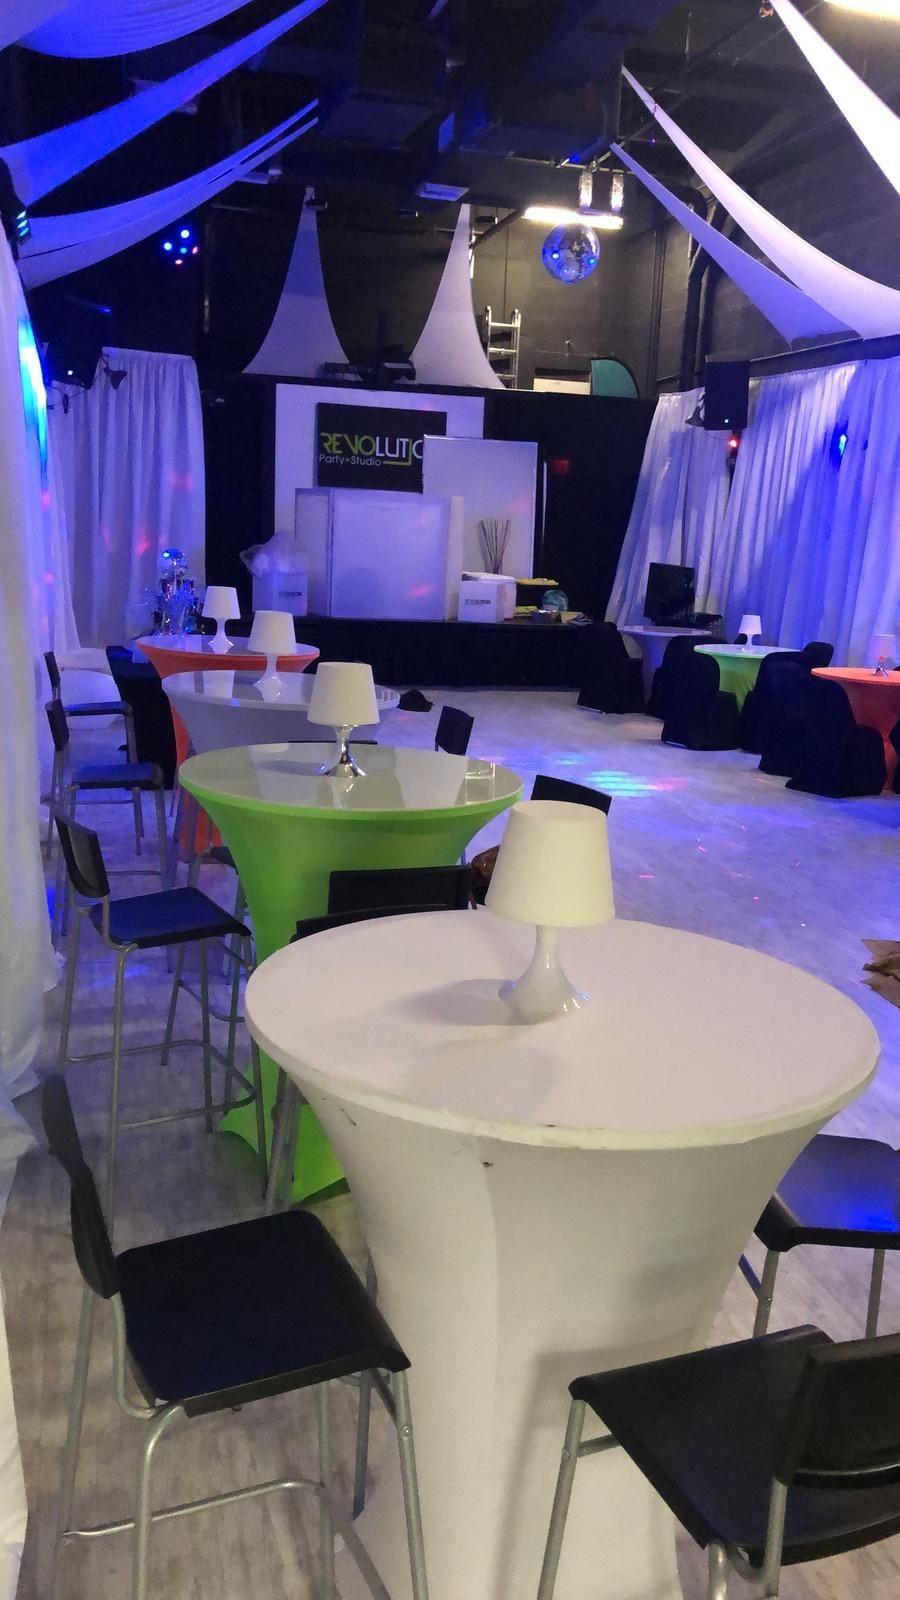 Salon de fiesta revolution party studio